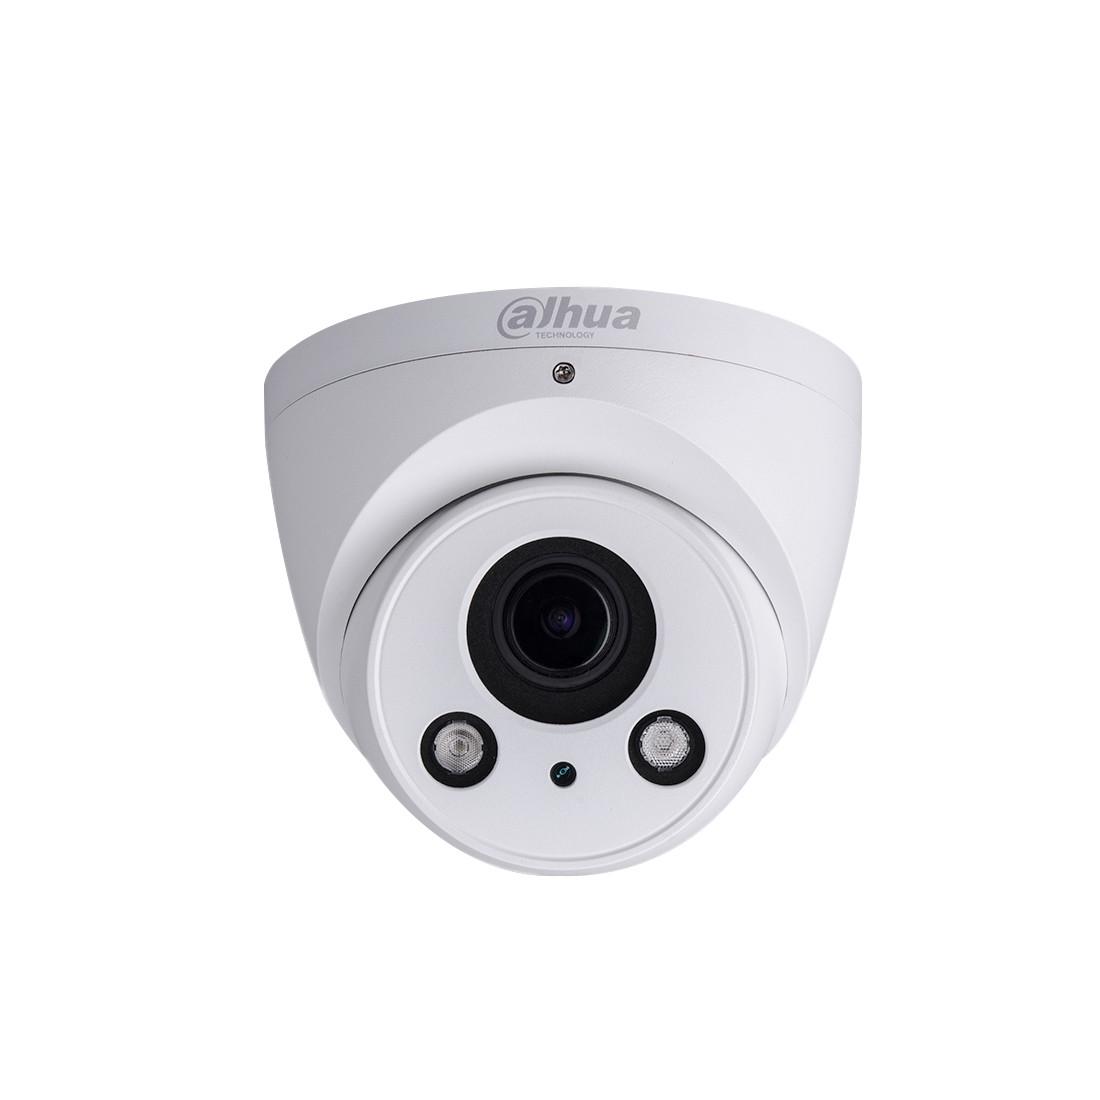 Распродажа Купольная видеокамера Dahua DH-IPC-HDW2421RP-ZS